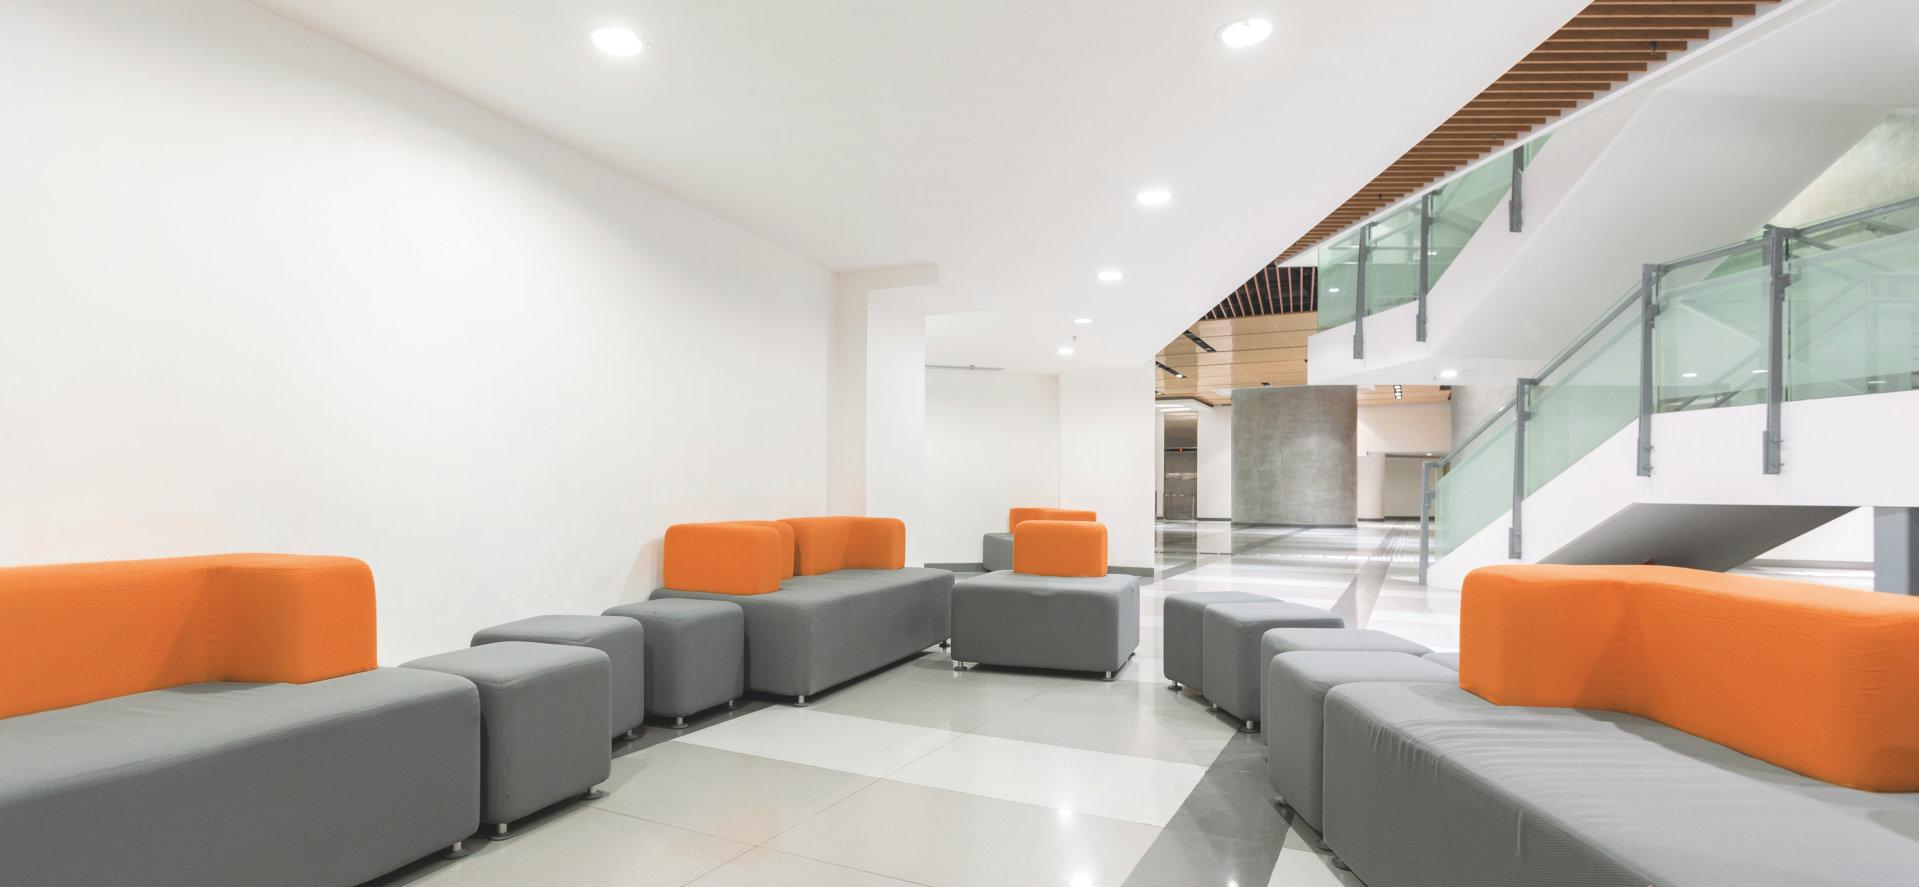 欧司朗专业办公室照明系统解决方案